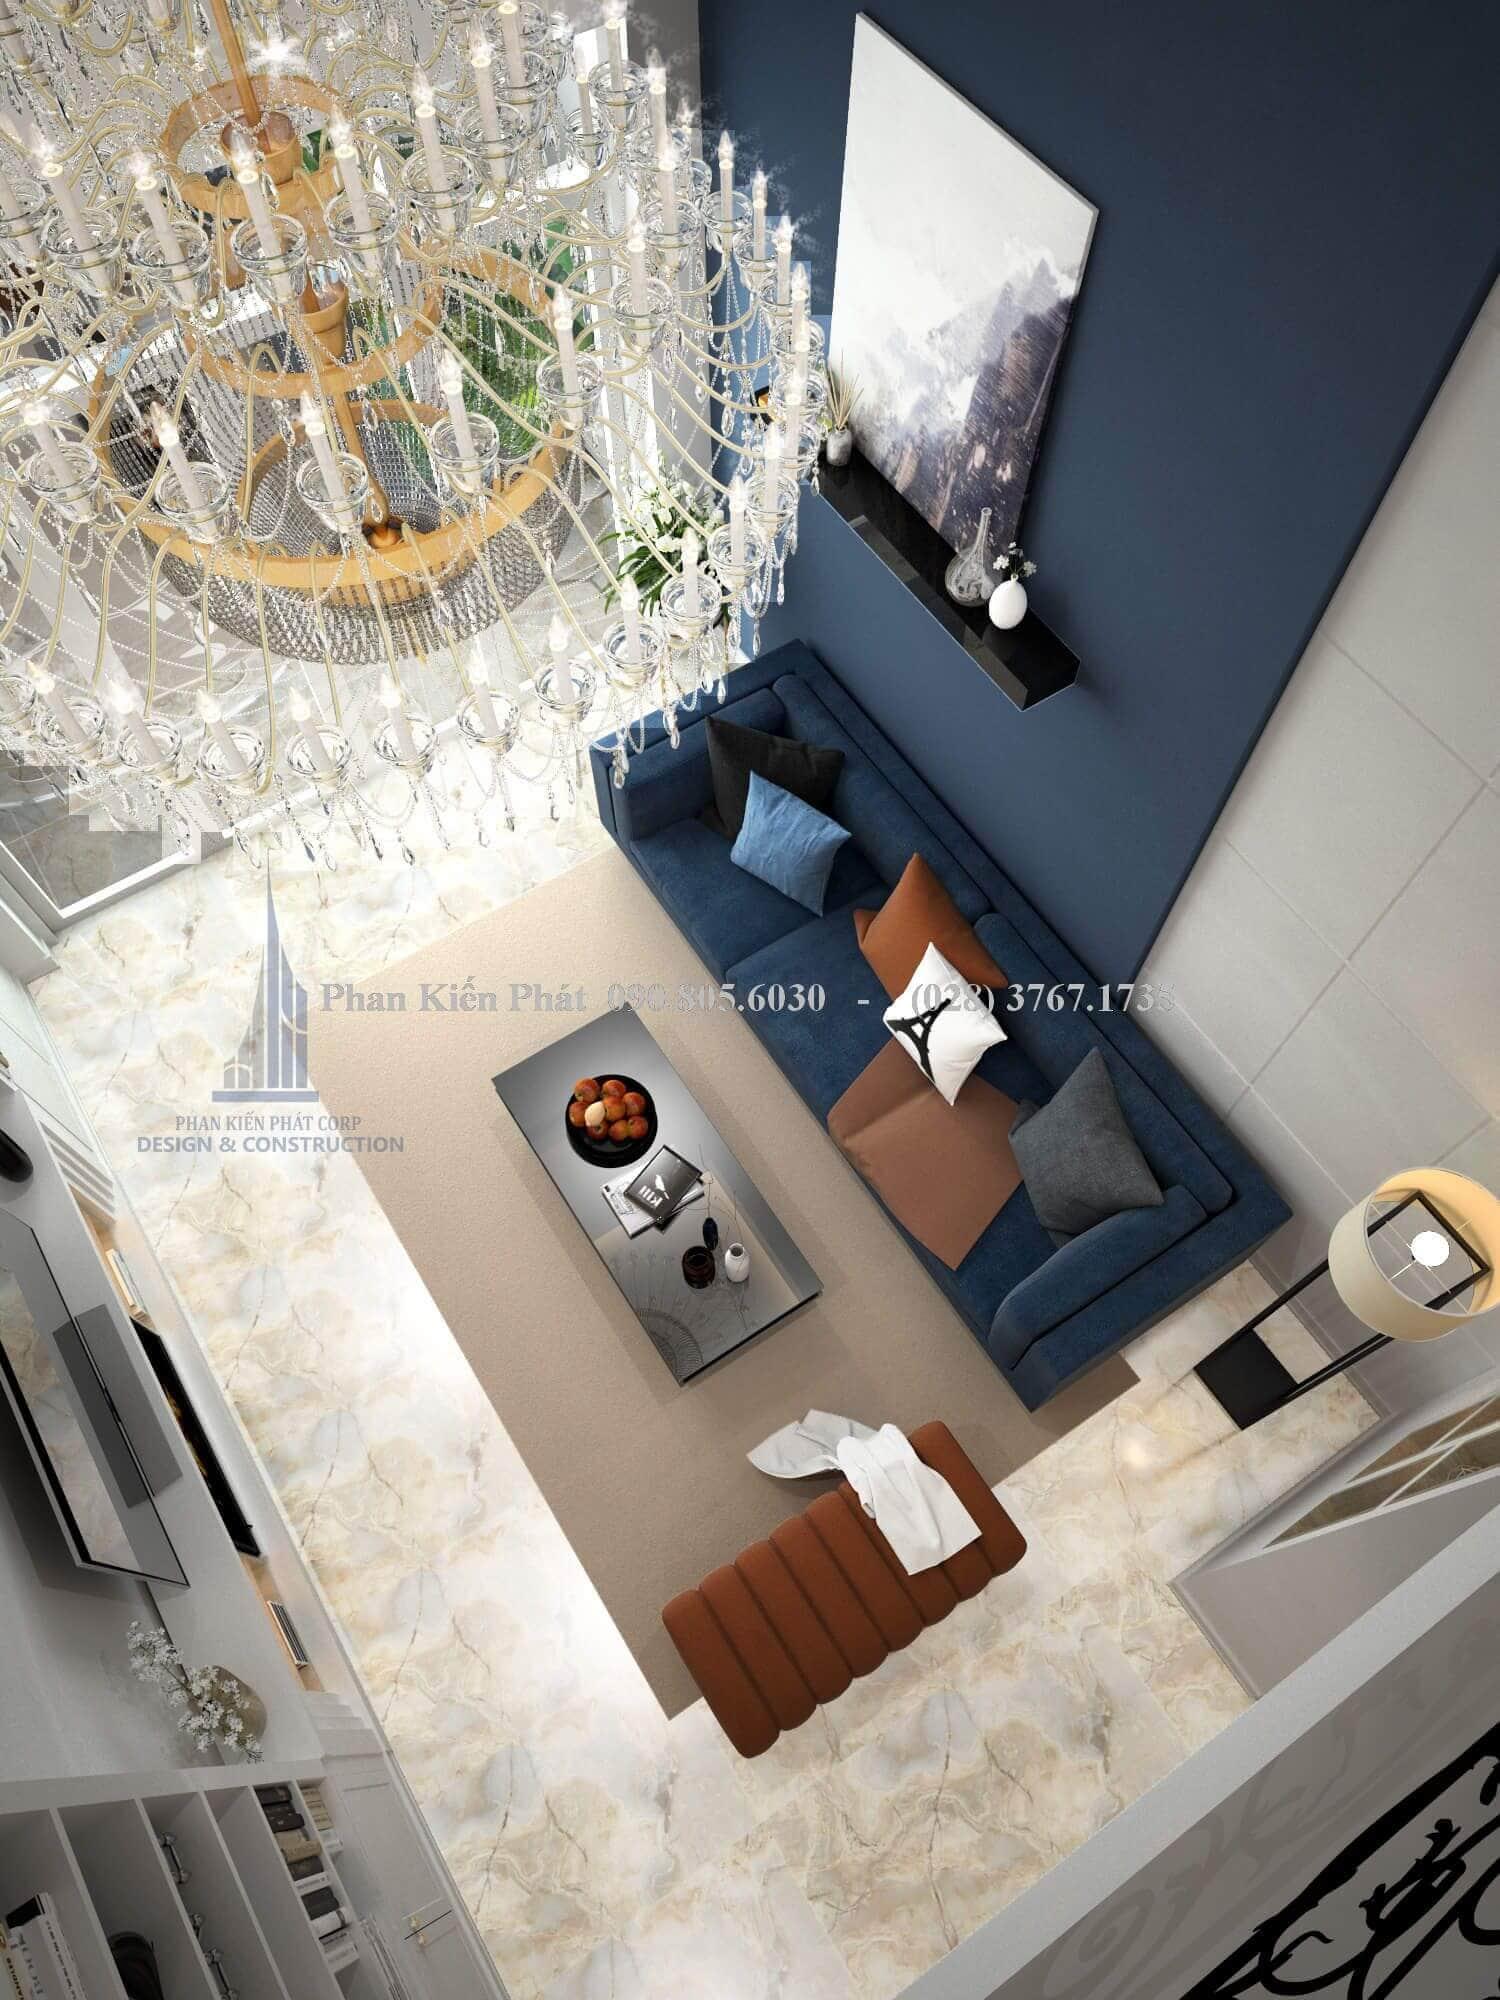 Phòng khách sang trọng và đẳng cấp nhà phố cổ điển 1 trệt 3 lầu